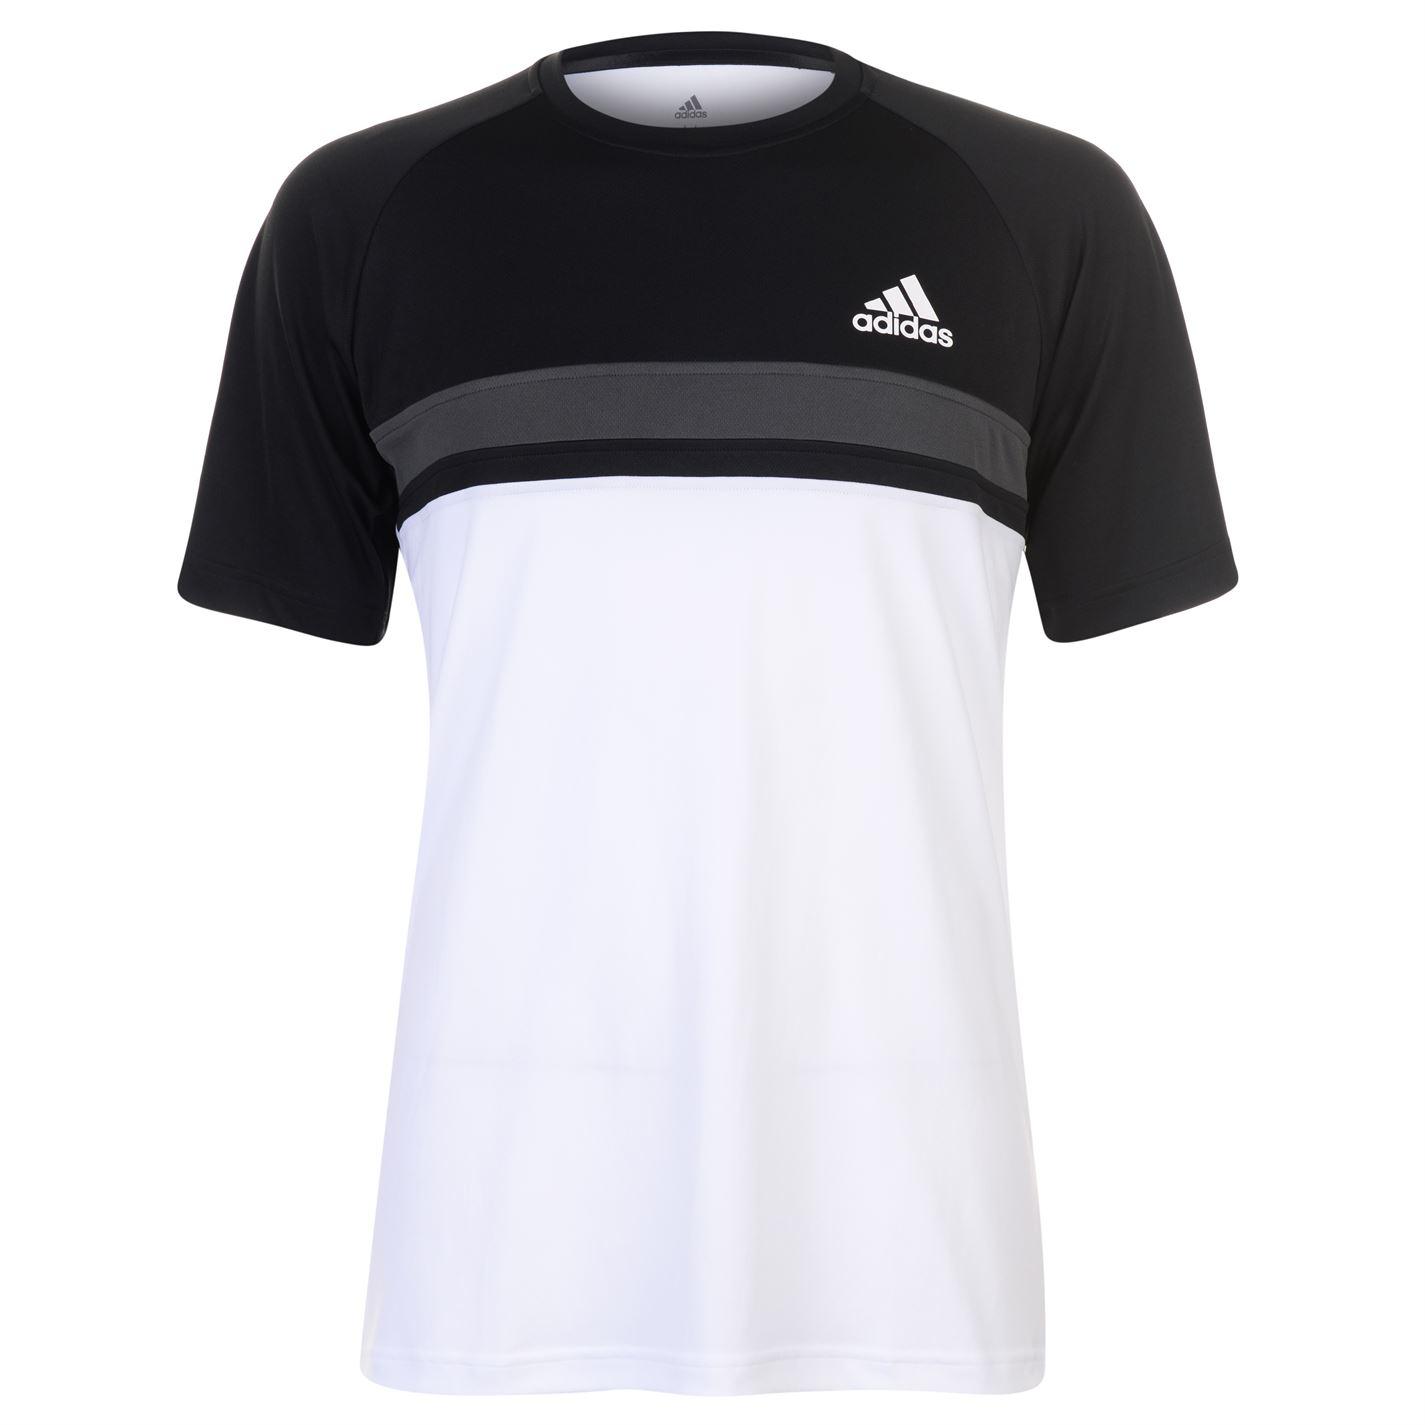 Adidas Club T Shirt Mens